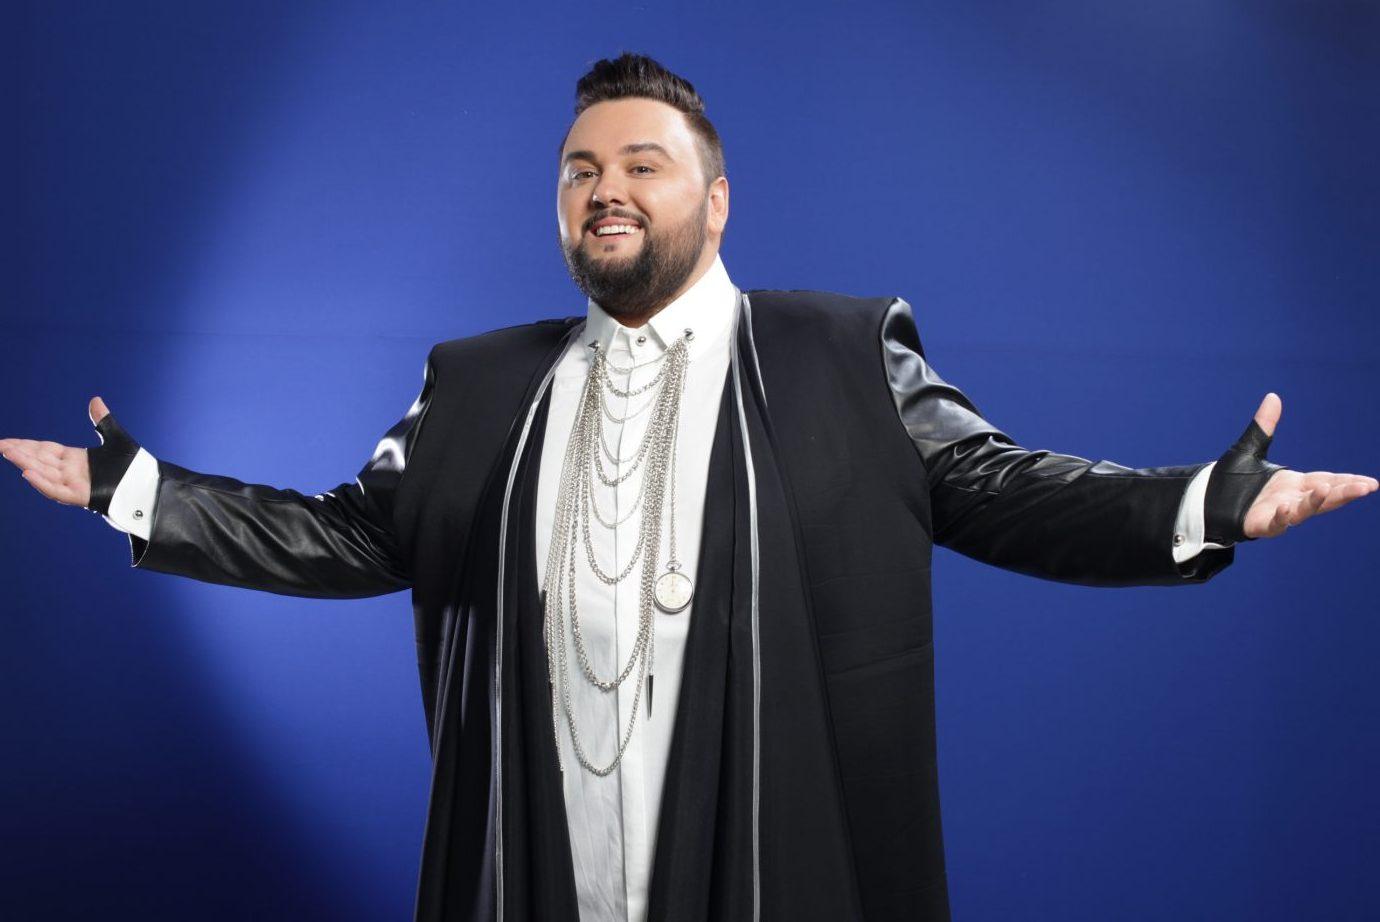 Картинки по запросу евробачення 2017 хорватія